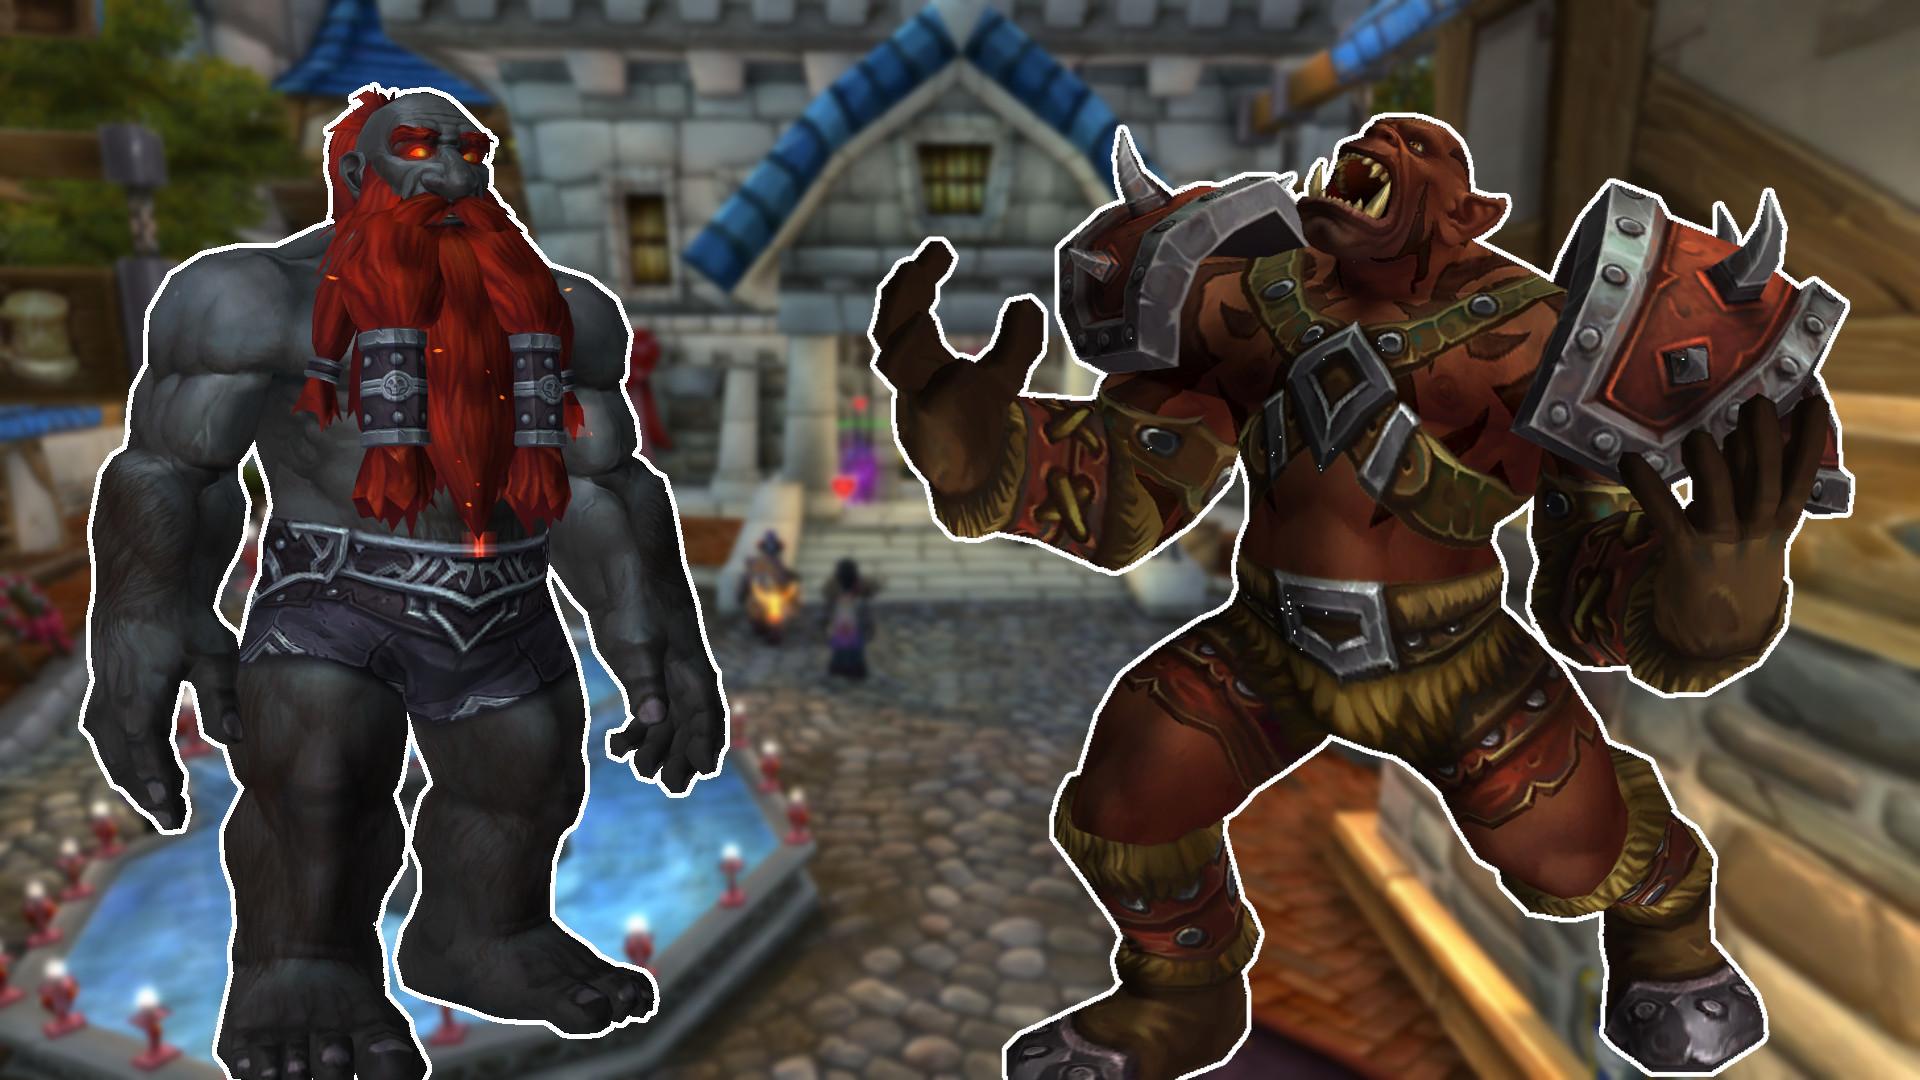 In der WoW Alpha sind Mag'har-Orcs und Dunkeleisenzwerge erstmals spielbar